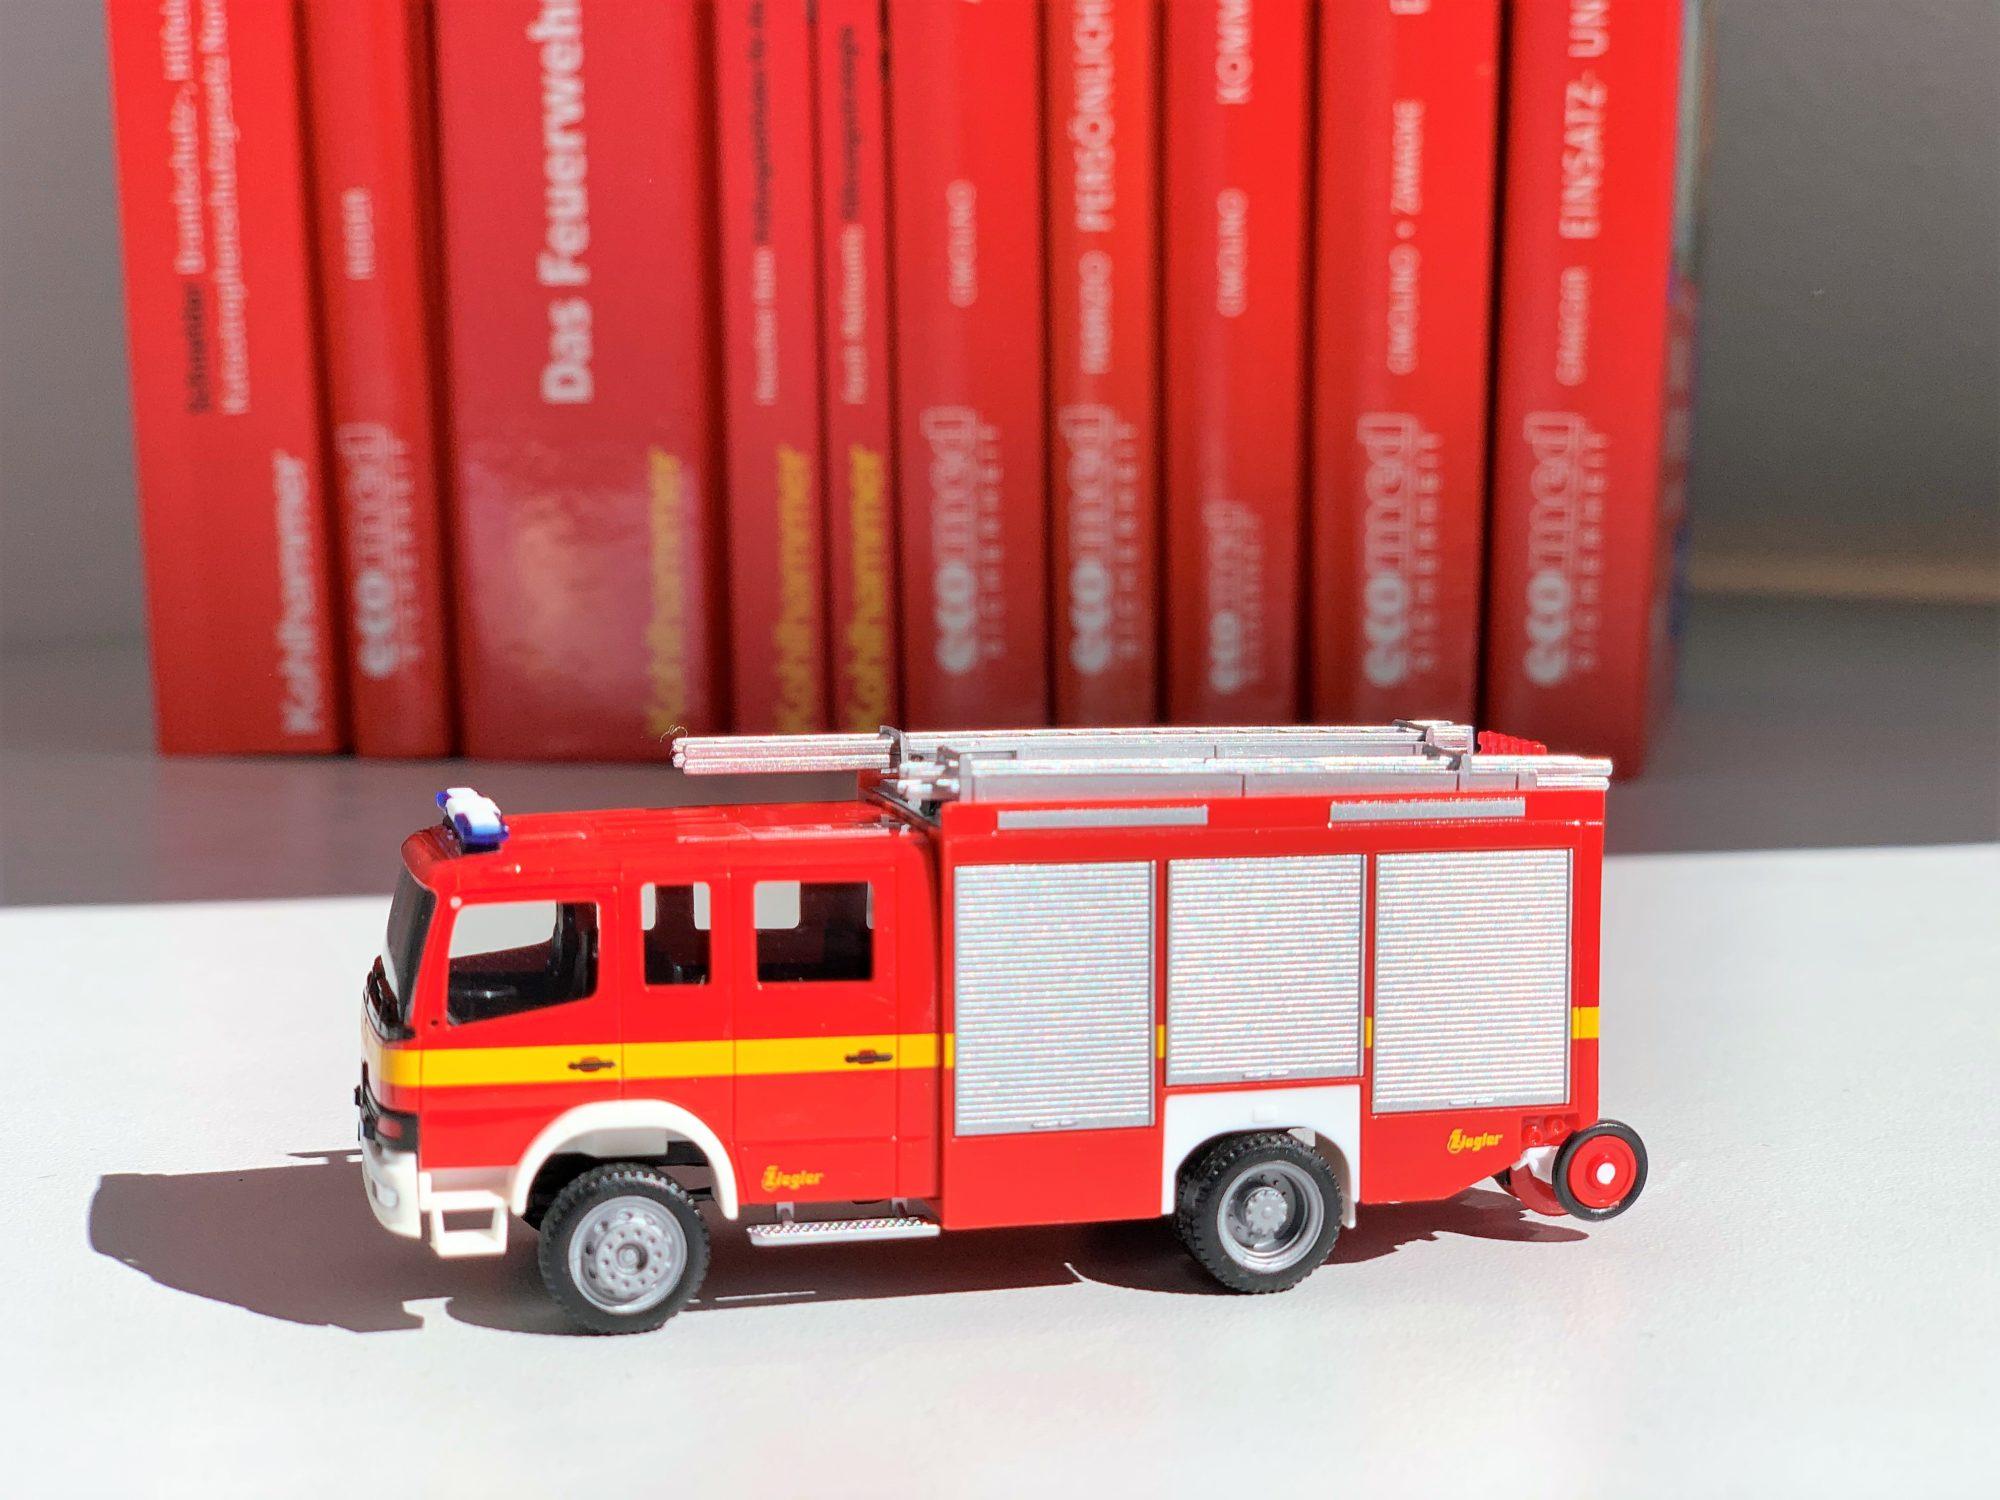 Die 9 beliebtesten Feuerwehrbücher für Fachleute